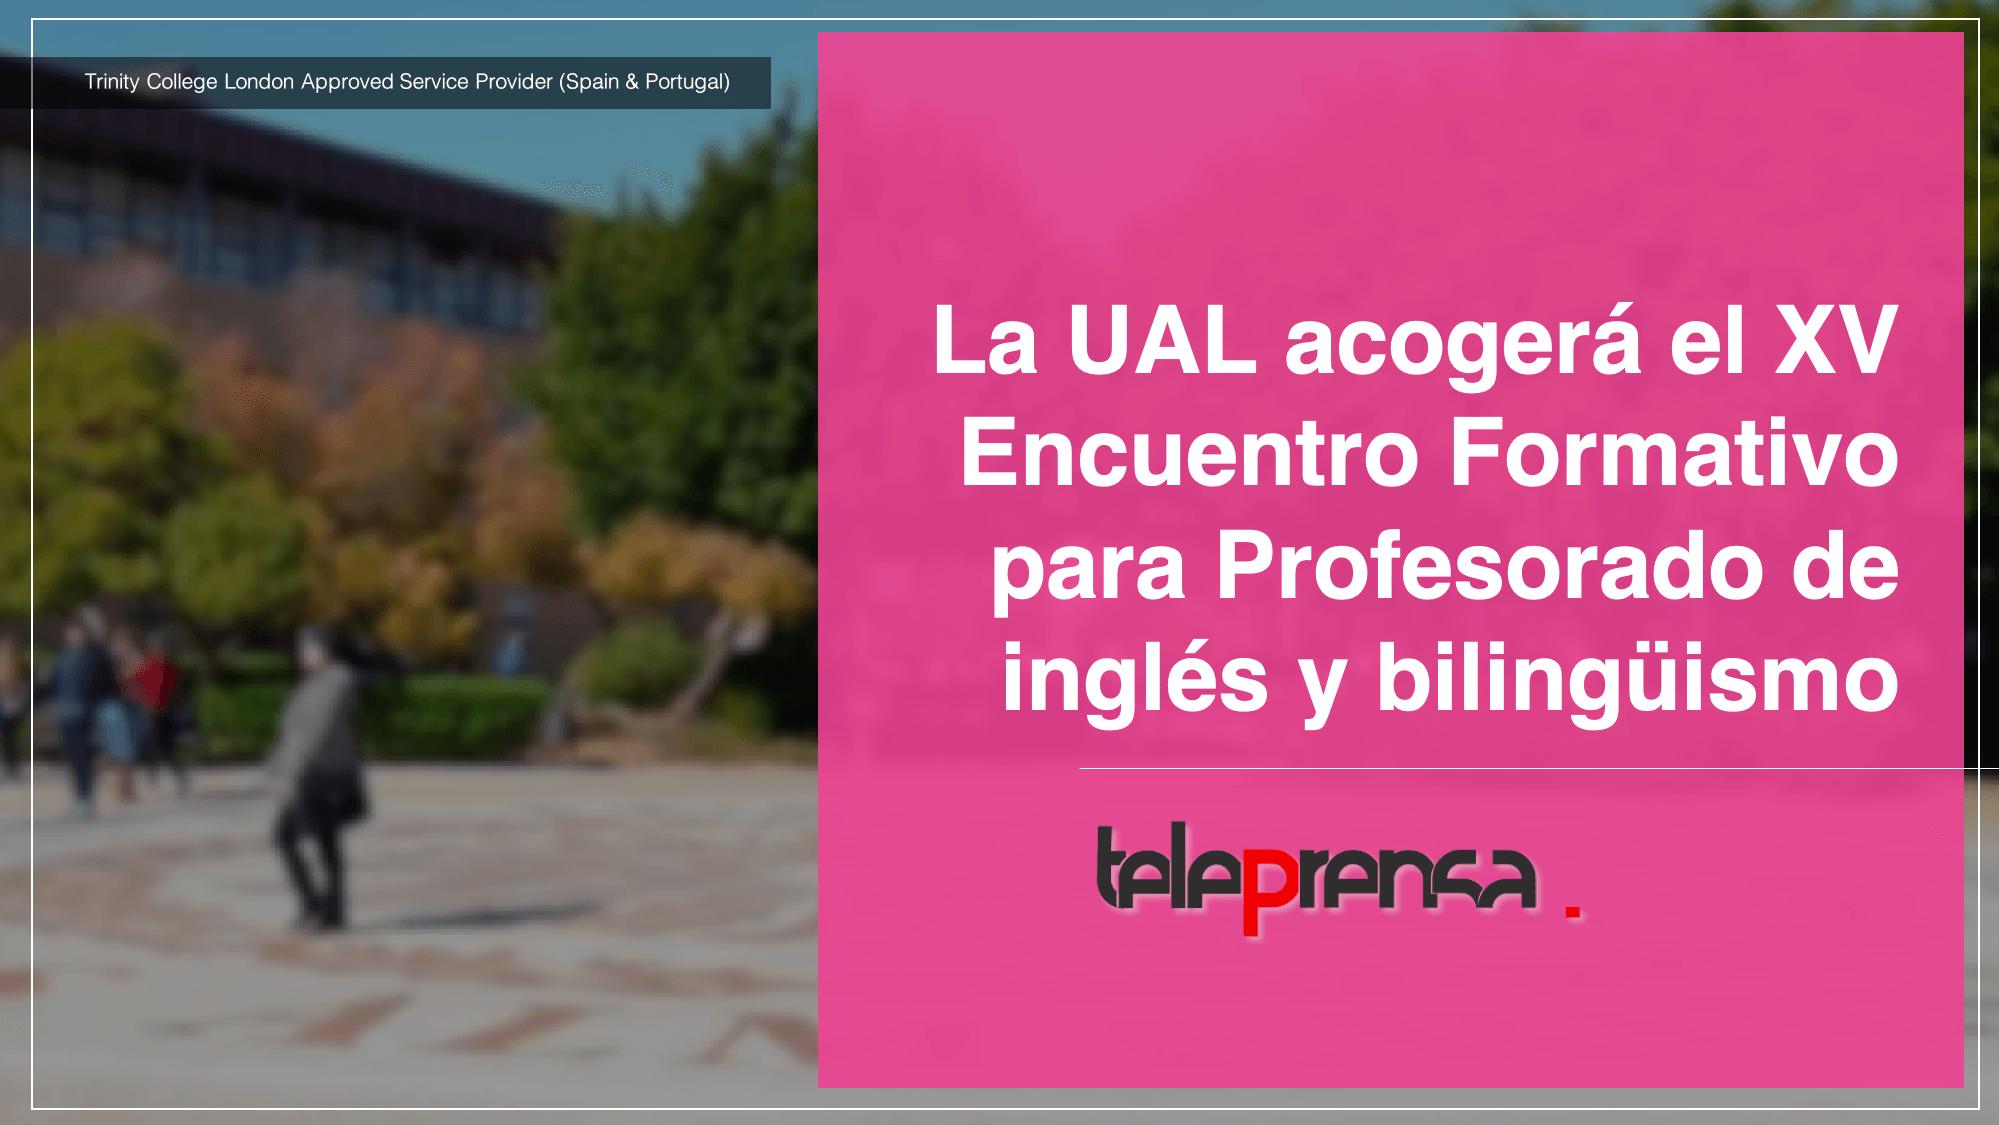 La UAL acogerá el XV Encuentro Formativo para Profesorado de inglés y bilingüismo